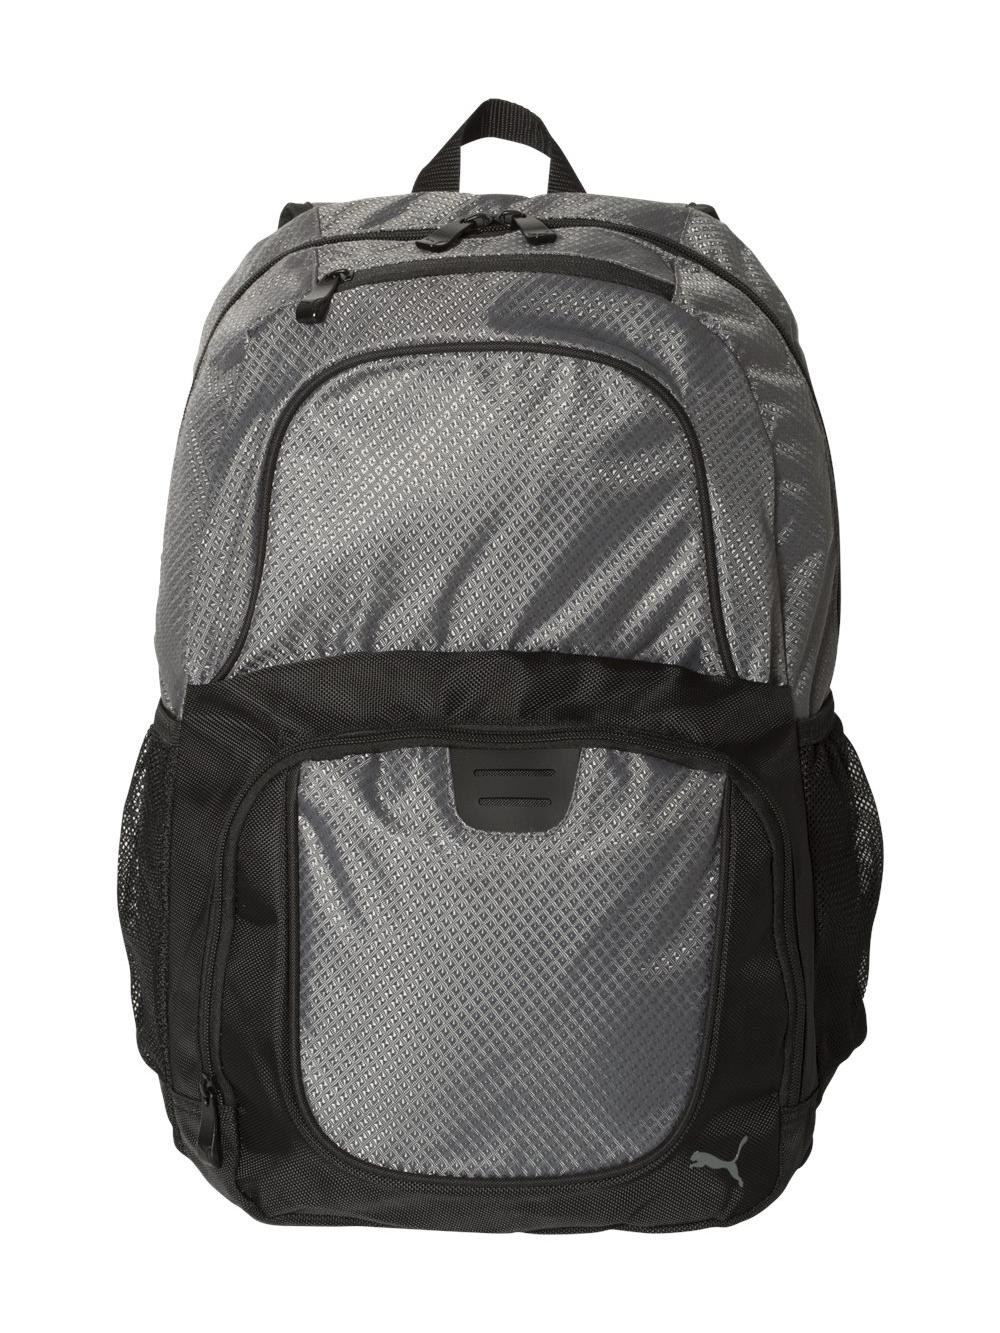 a571774a09e PUMA 25l Backpack - PSC1028 Dark Grey black   eBay